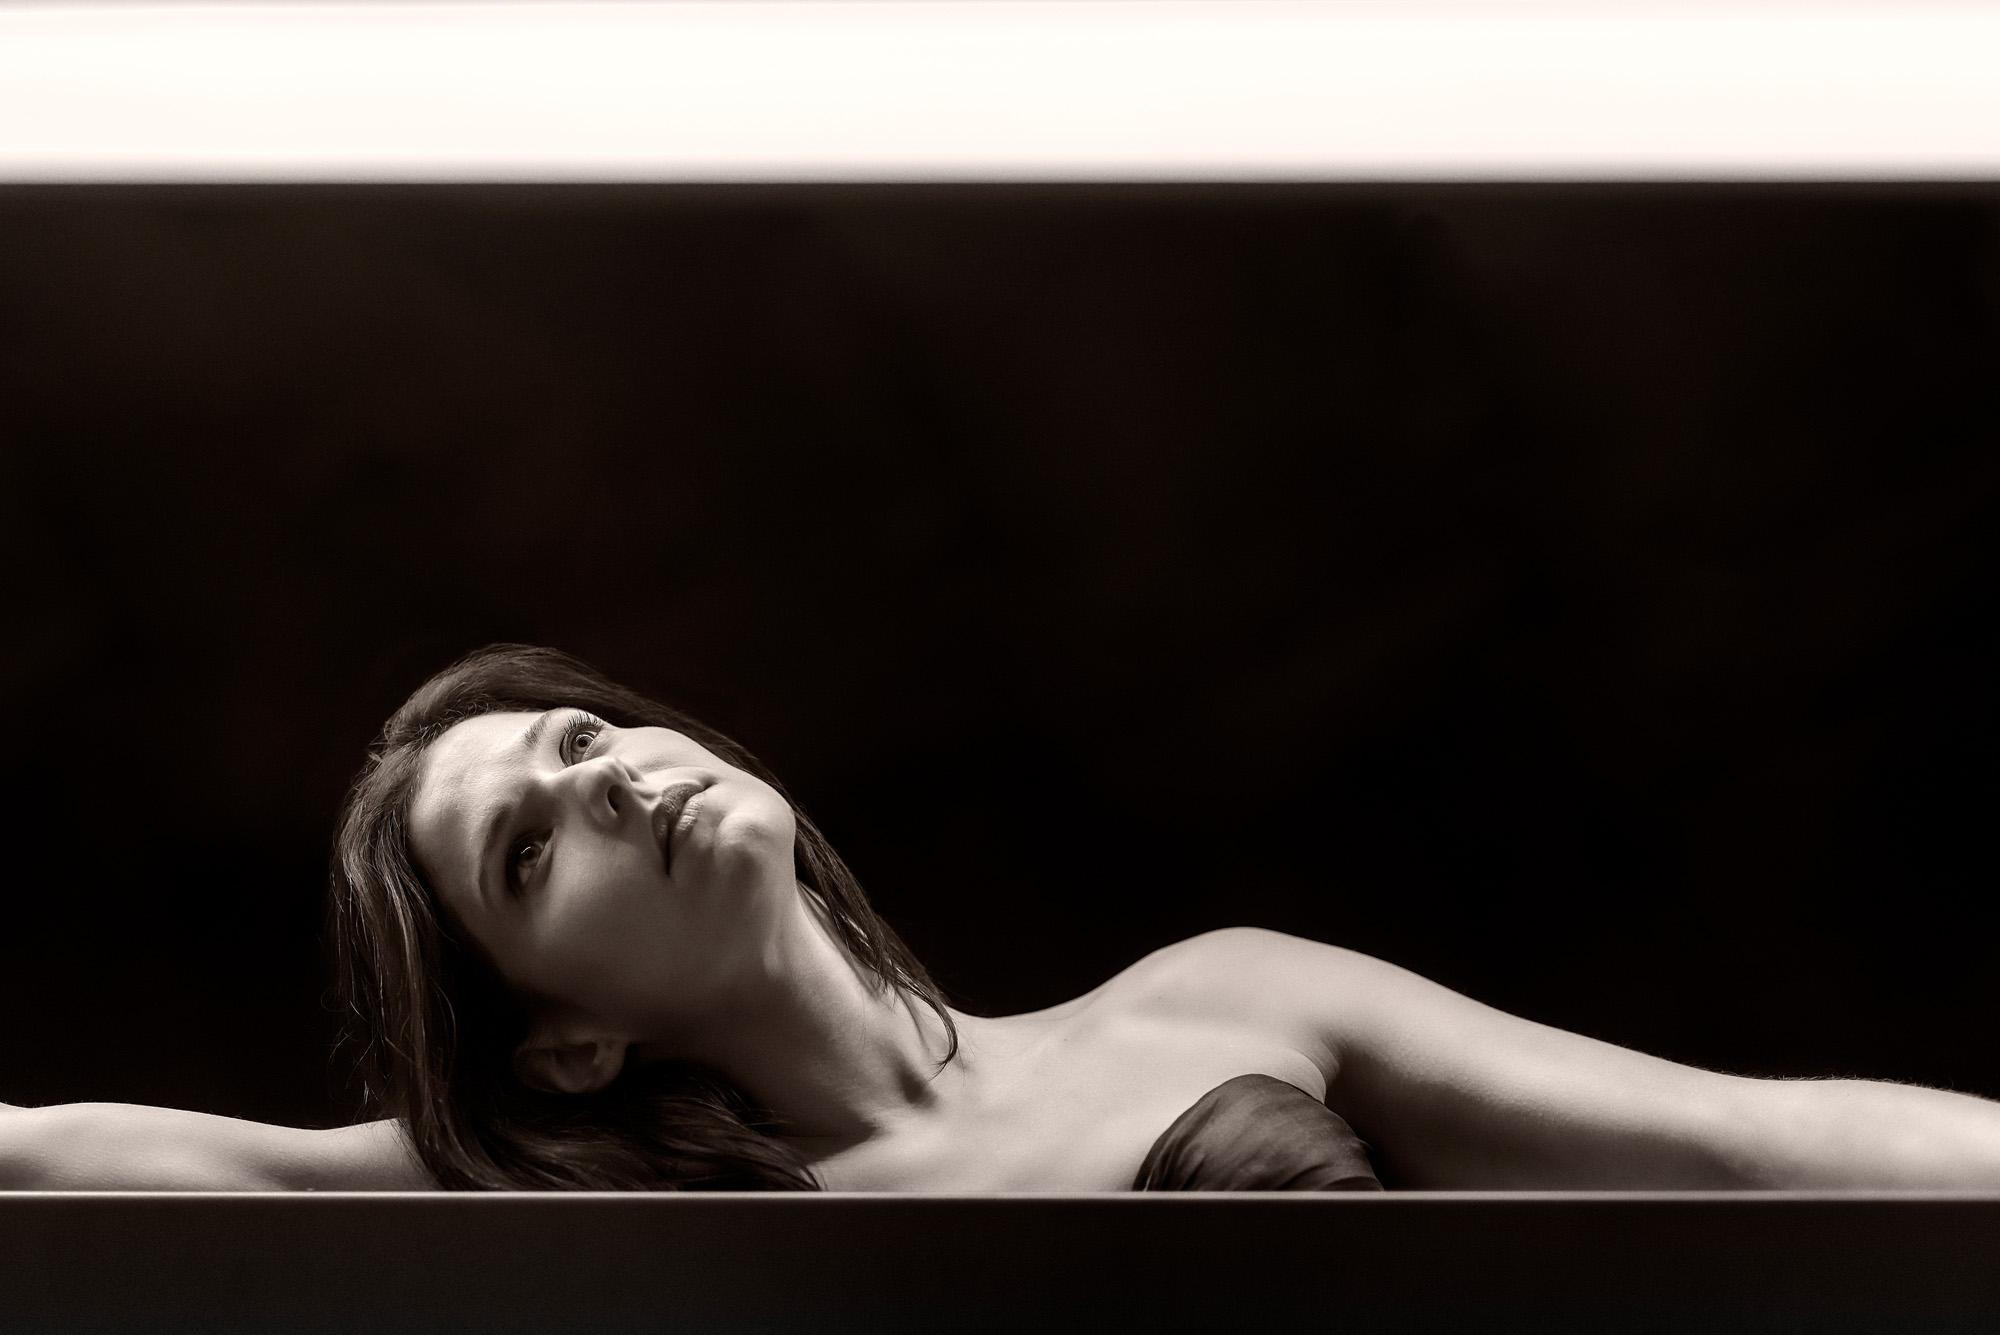 Editorial y Fotografia con la actriz Paula Isiegas en Caixa Forum Zaragoza - Diseño y fotos: Fernando Sánchez - Conmisojos